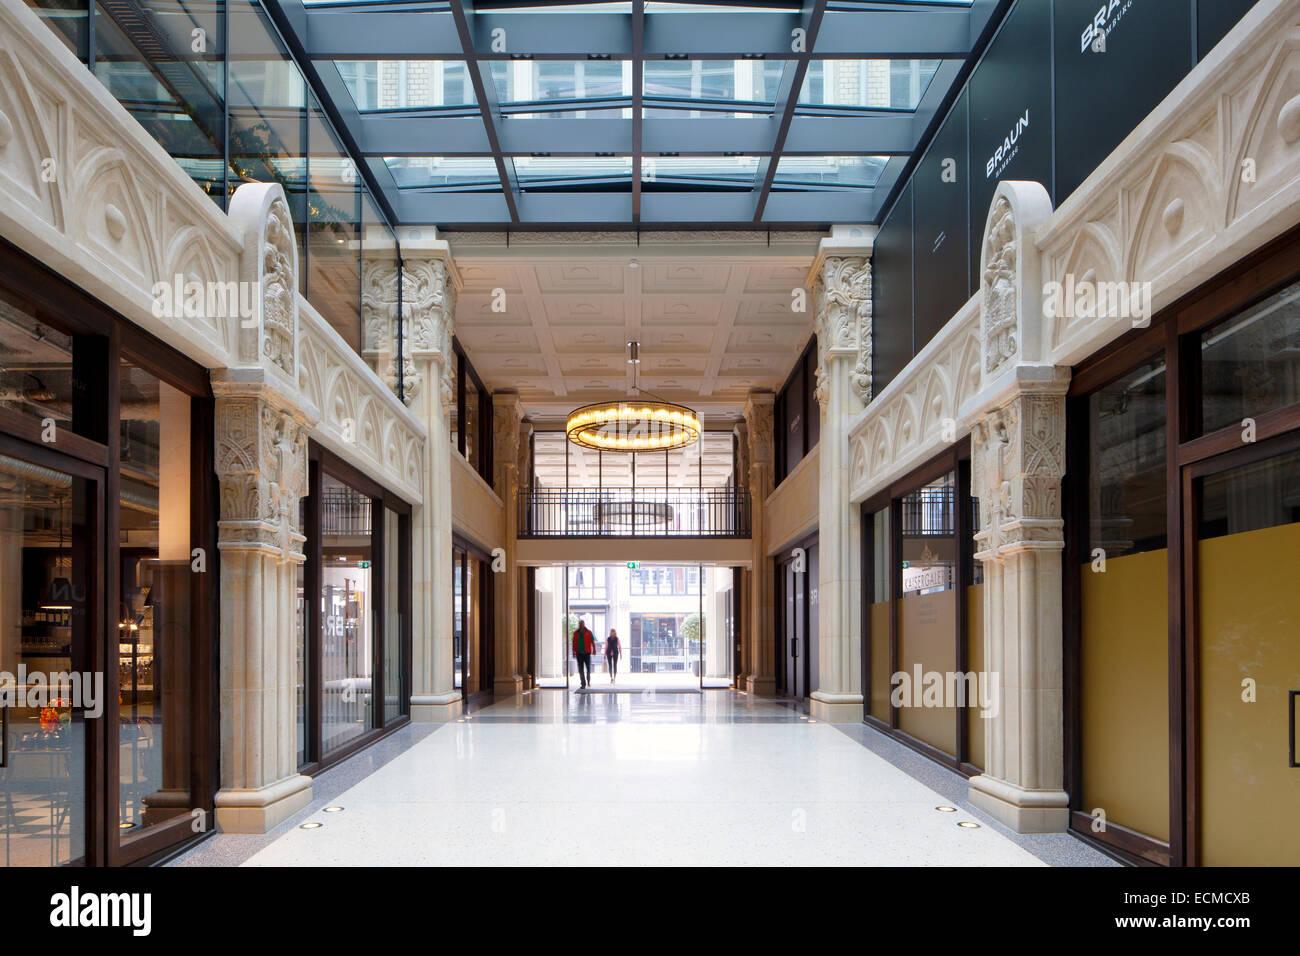 Kaisergalerie mall high end negozi atrium con piano terrazzo